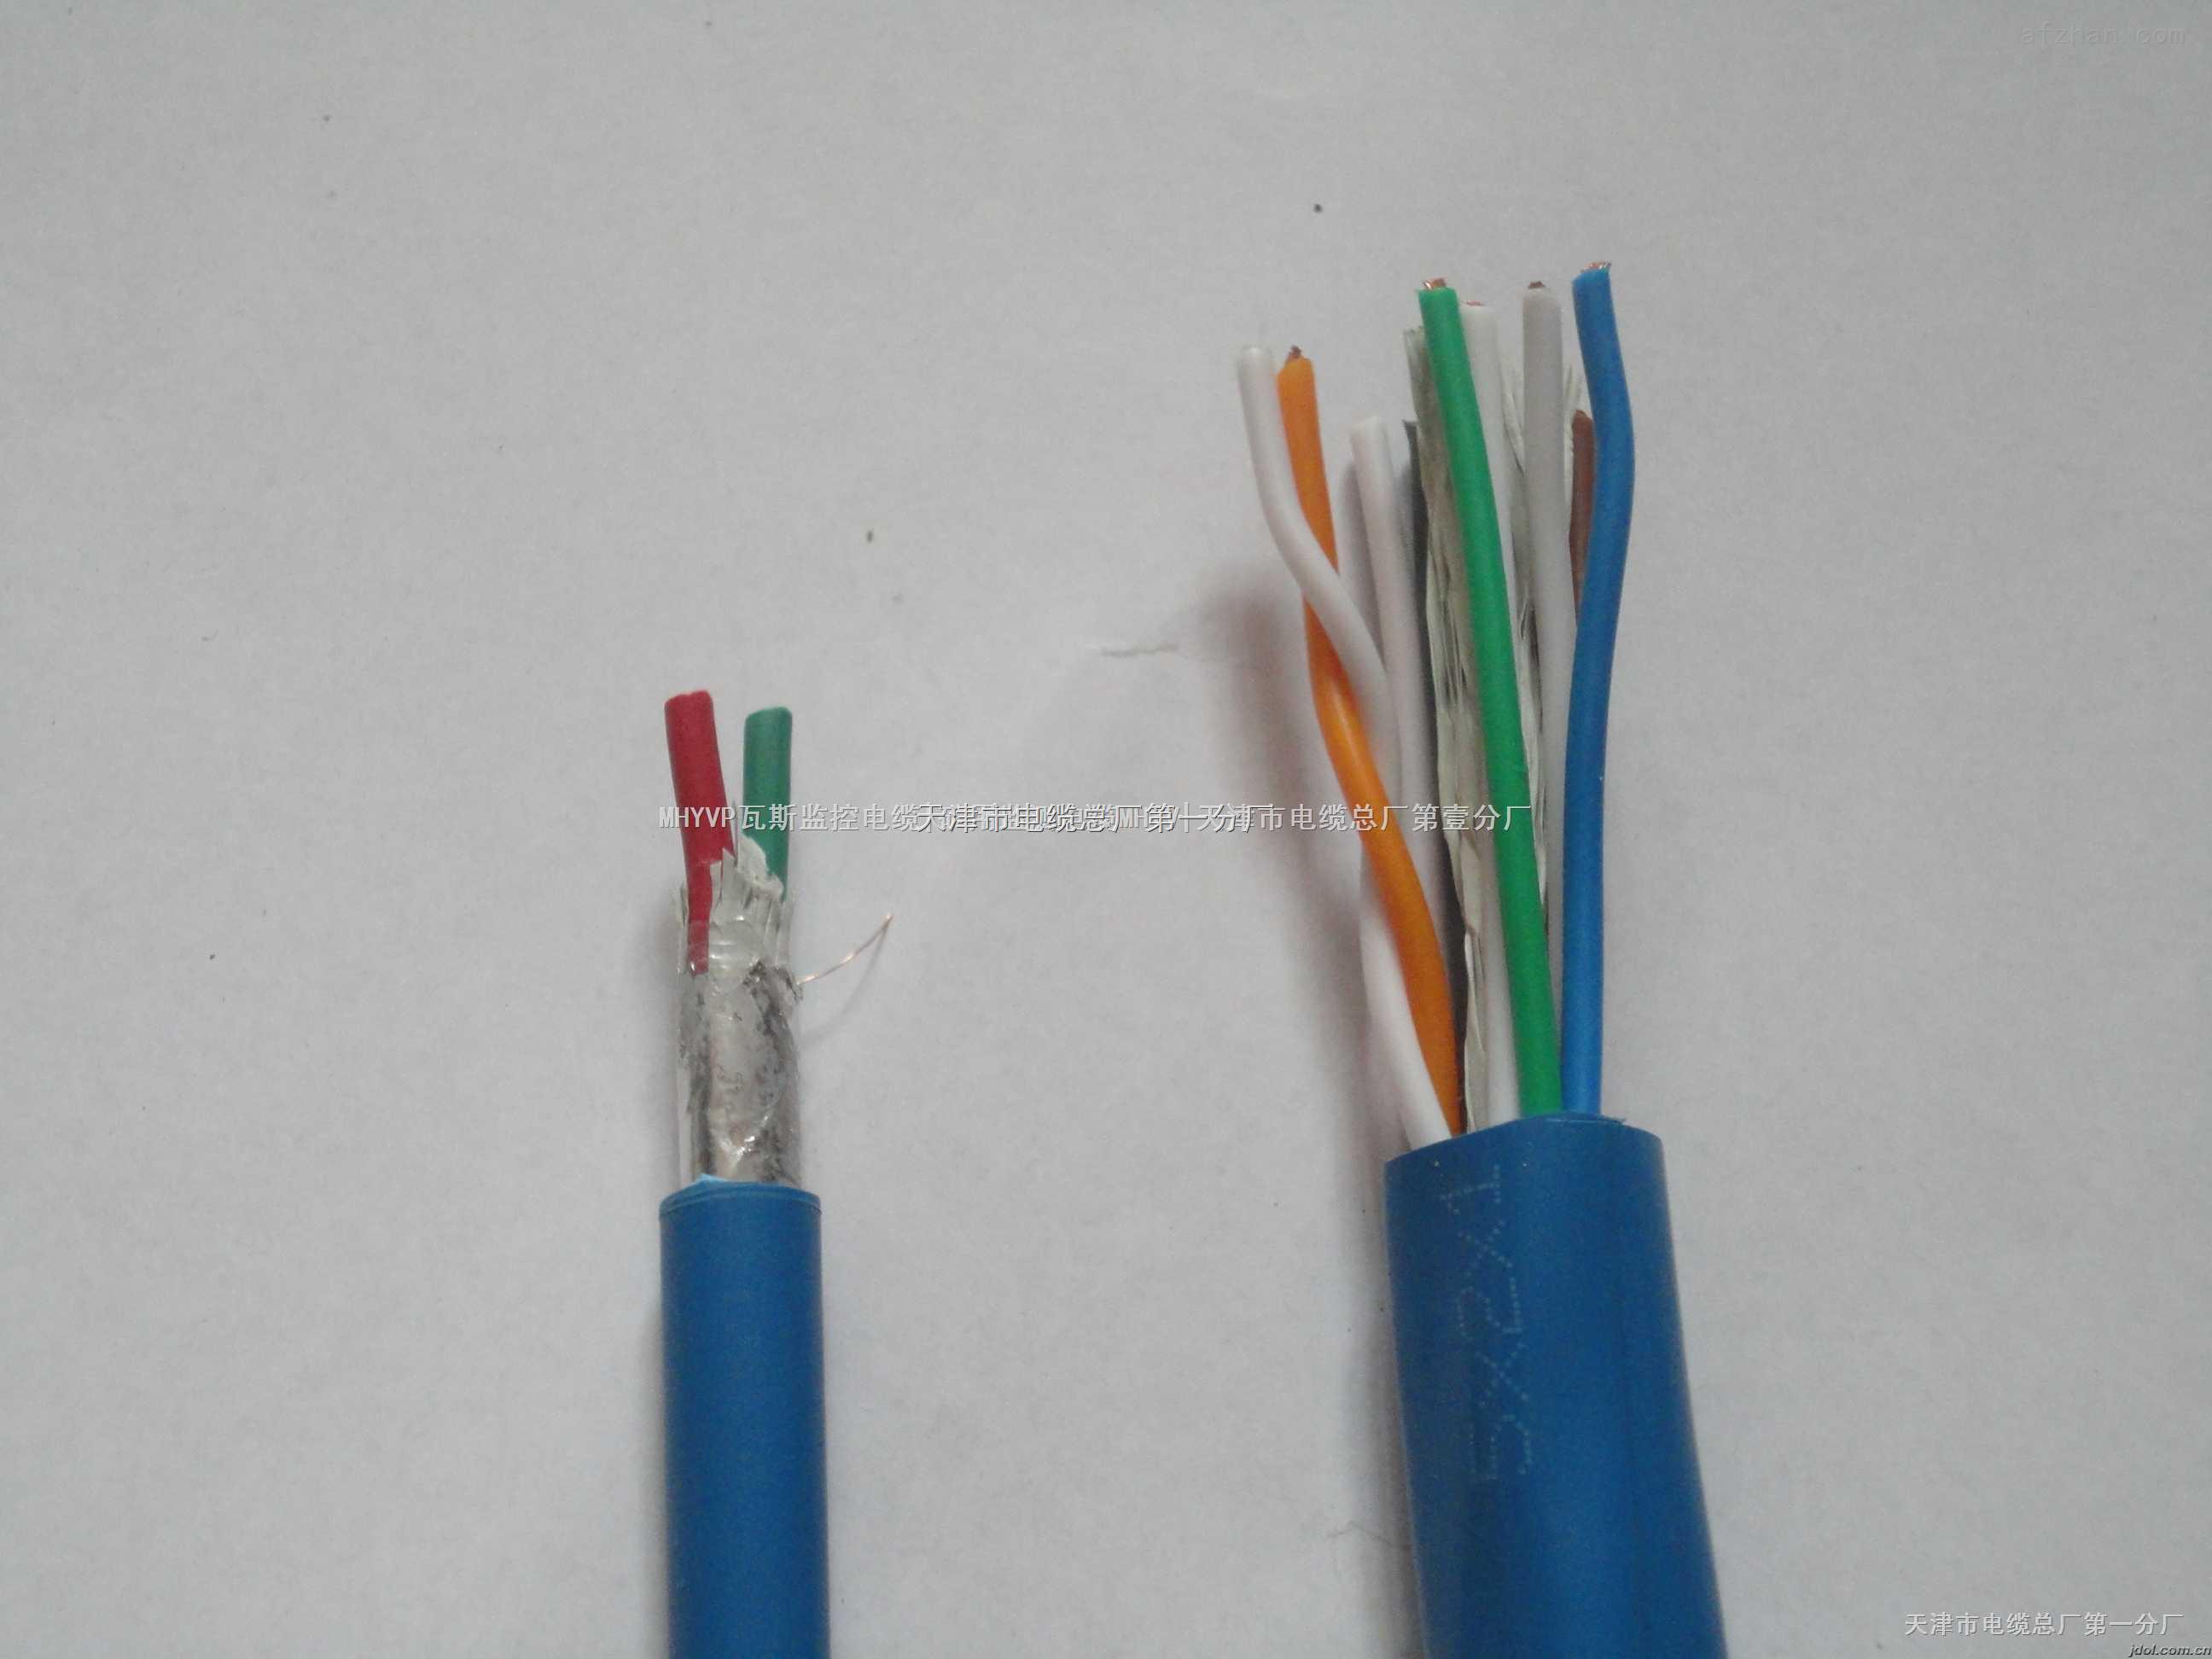 矿用电缆MHYV 1X3X0.75报价